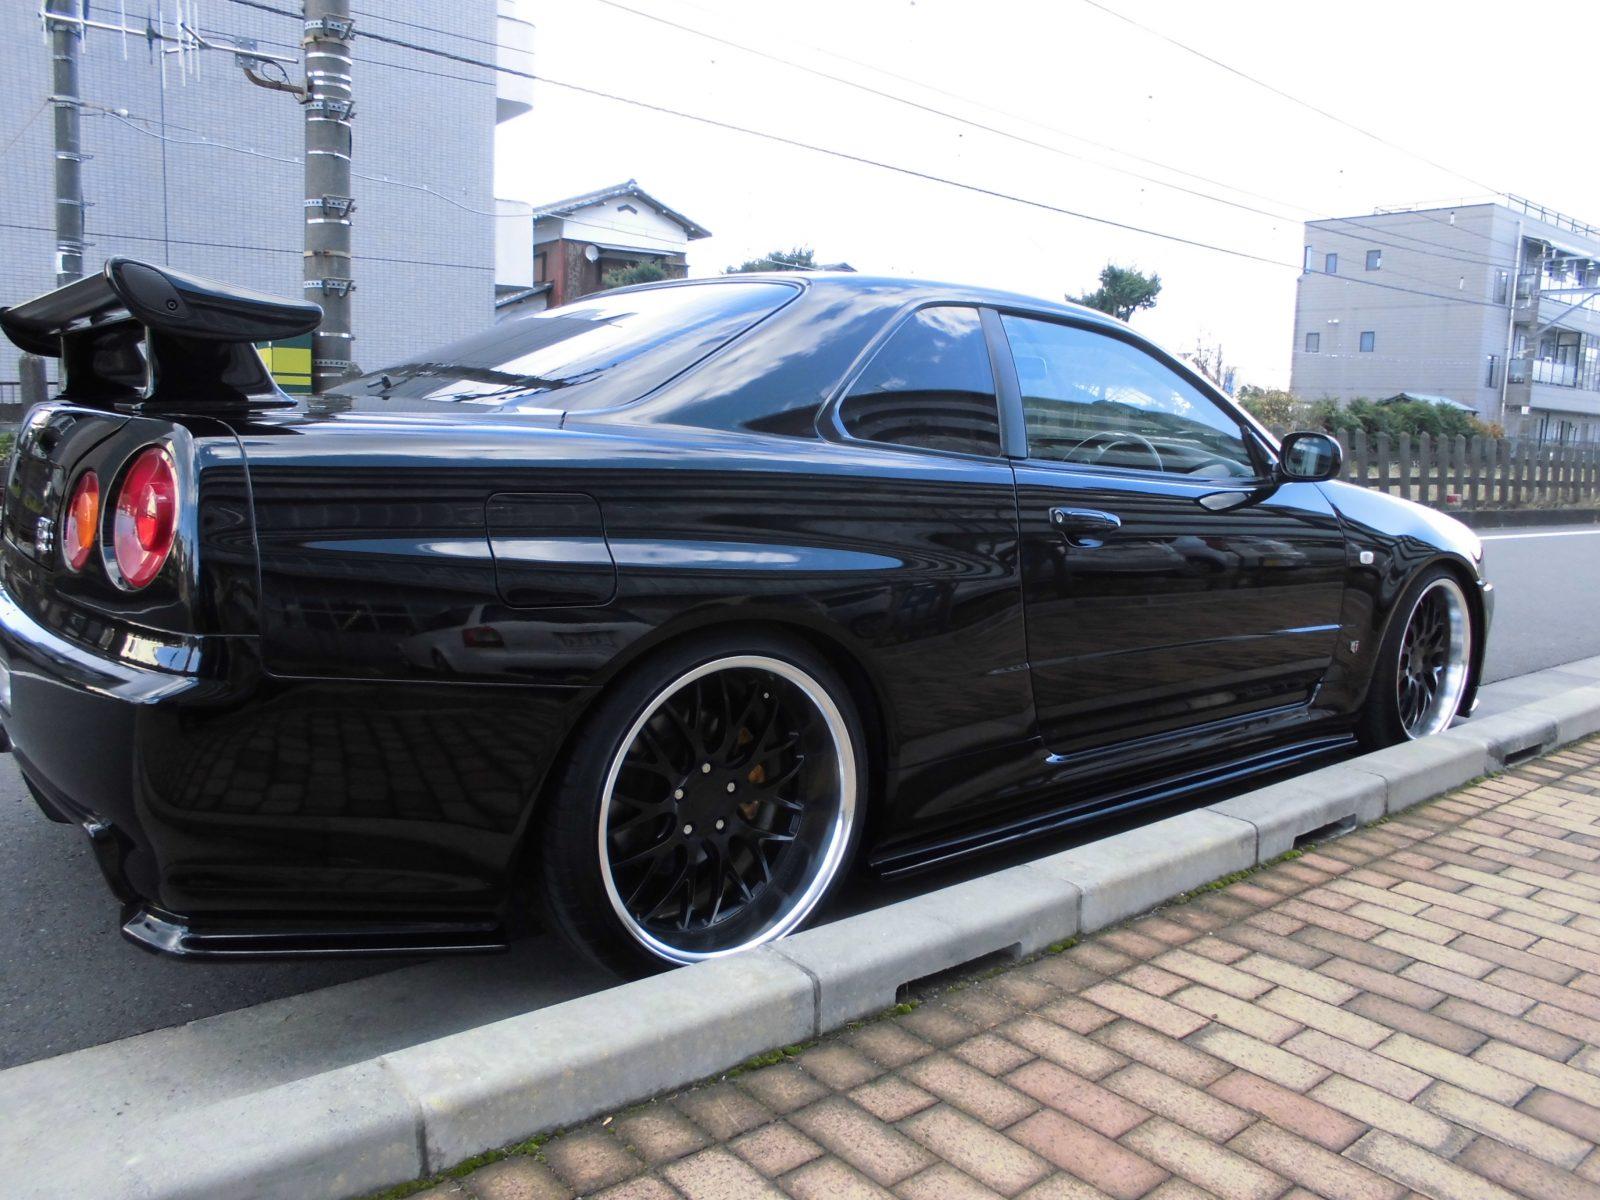 Nissan Skyline R34 Gtr Rb26dett Jap Imports Uk